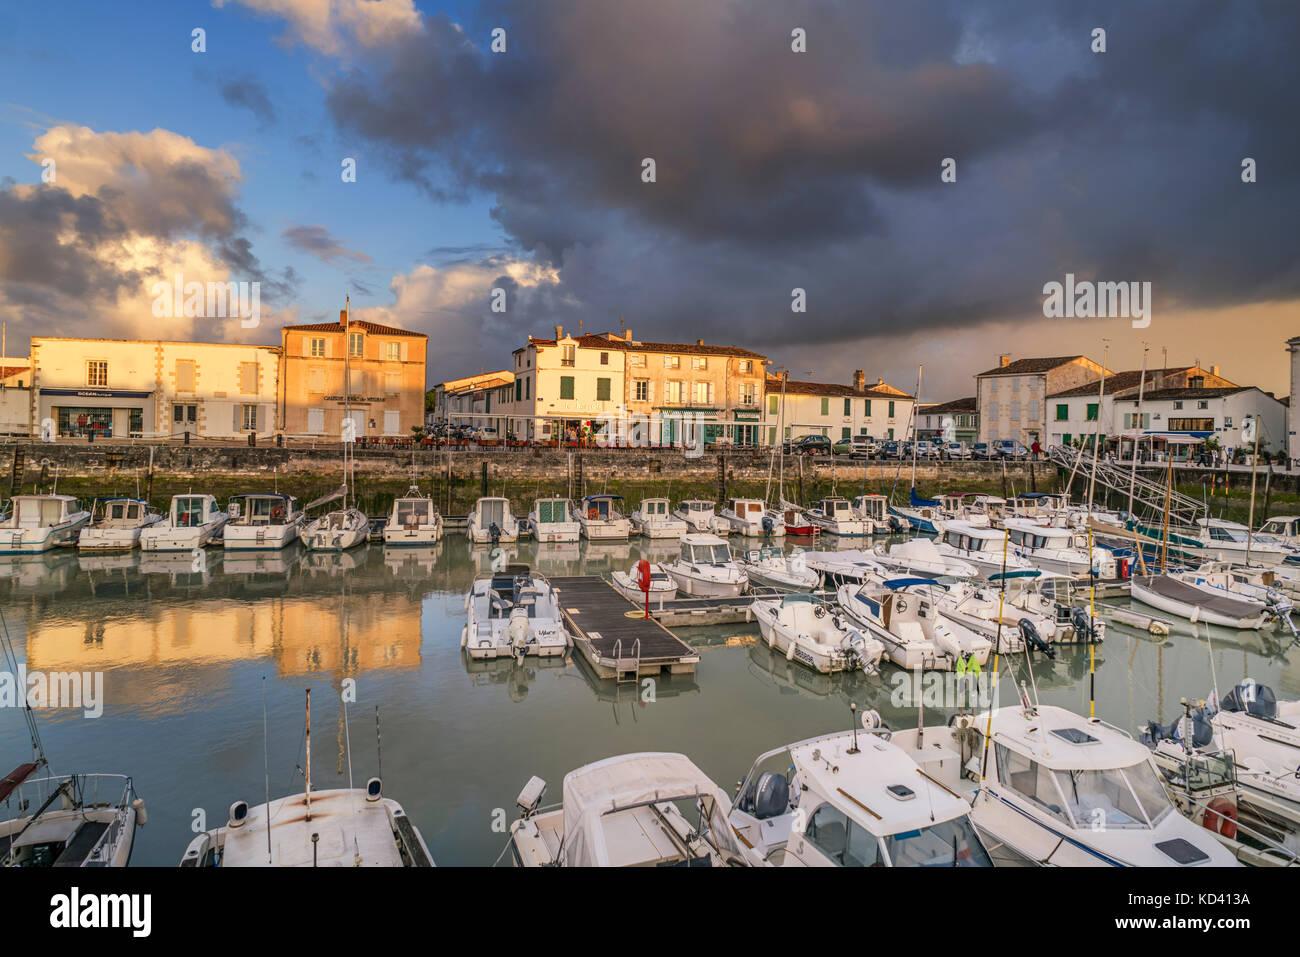 Hafen von La Flotte, Sonnenuntergang, Restaurants, Ile de Re, Nouvelle - Aquitaine, Französisch westcoast, Stockbild